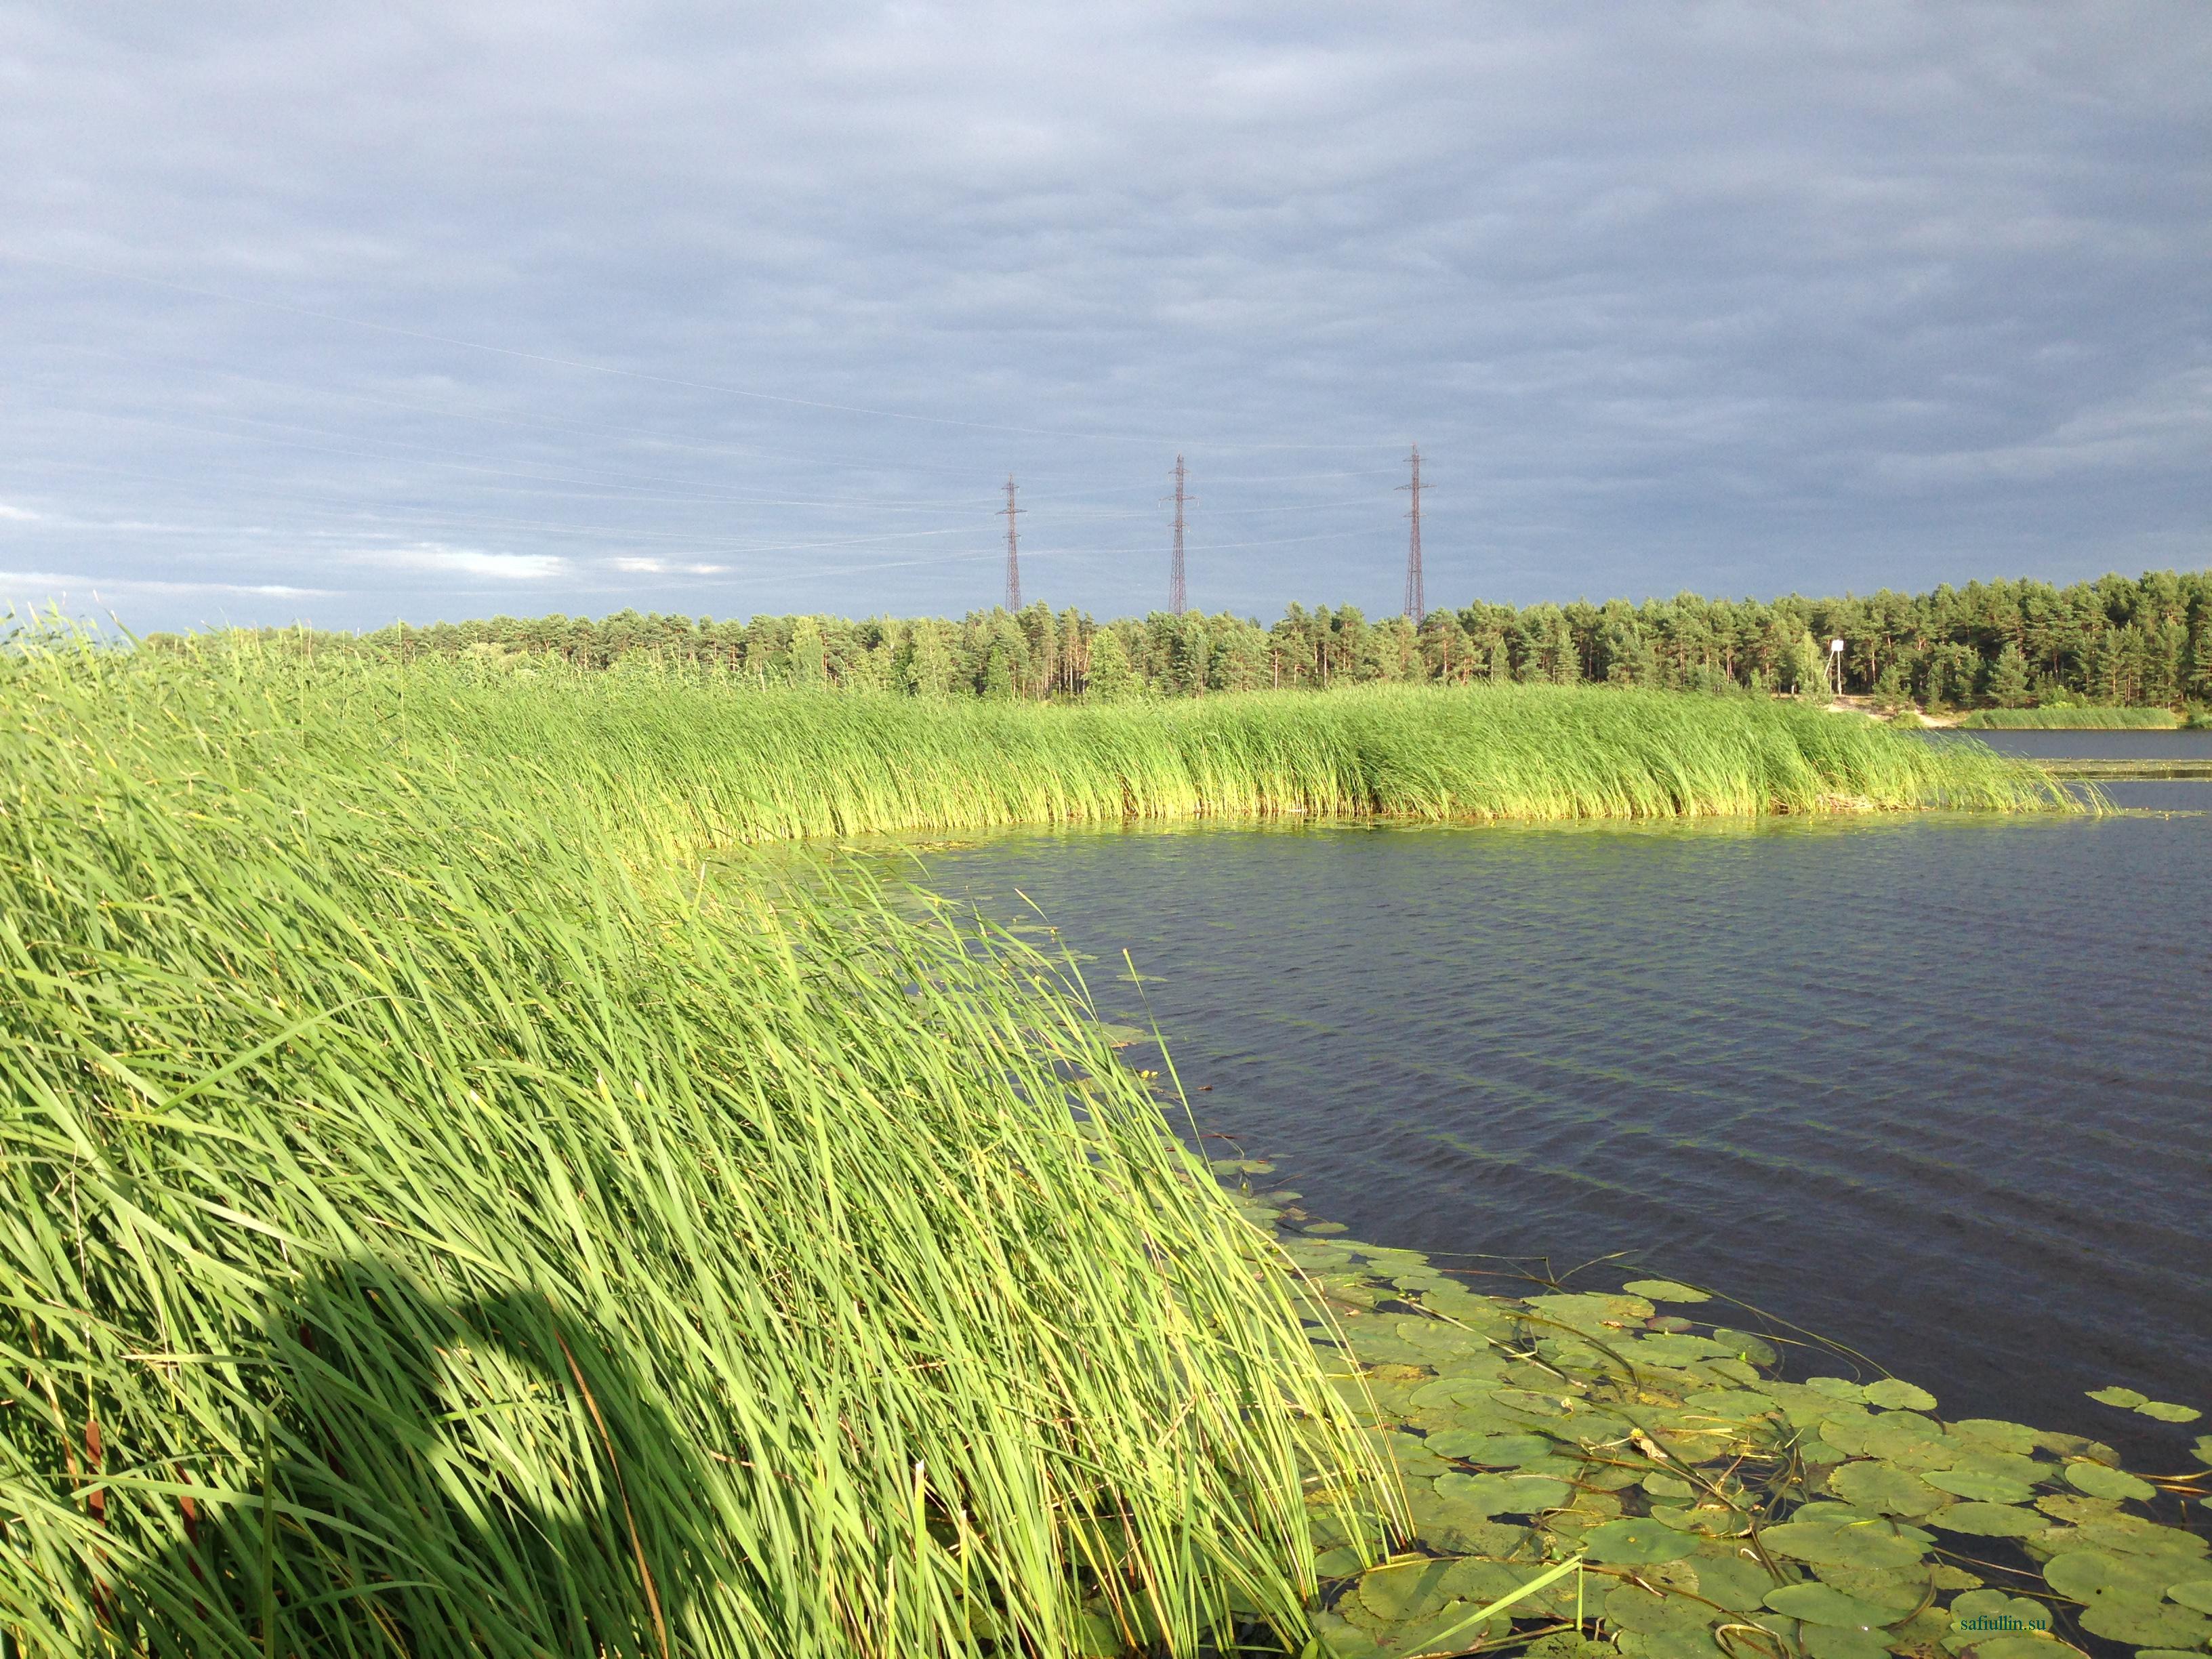 Пейзажи природы Альберт Сафиуллин река лиелупе рыбалка